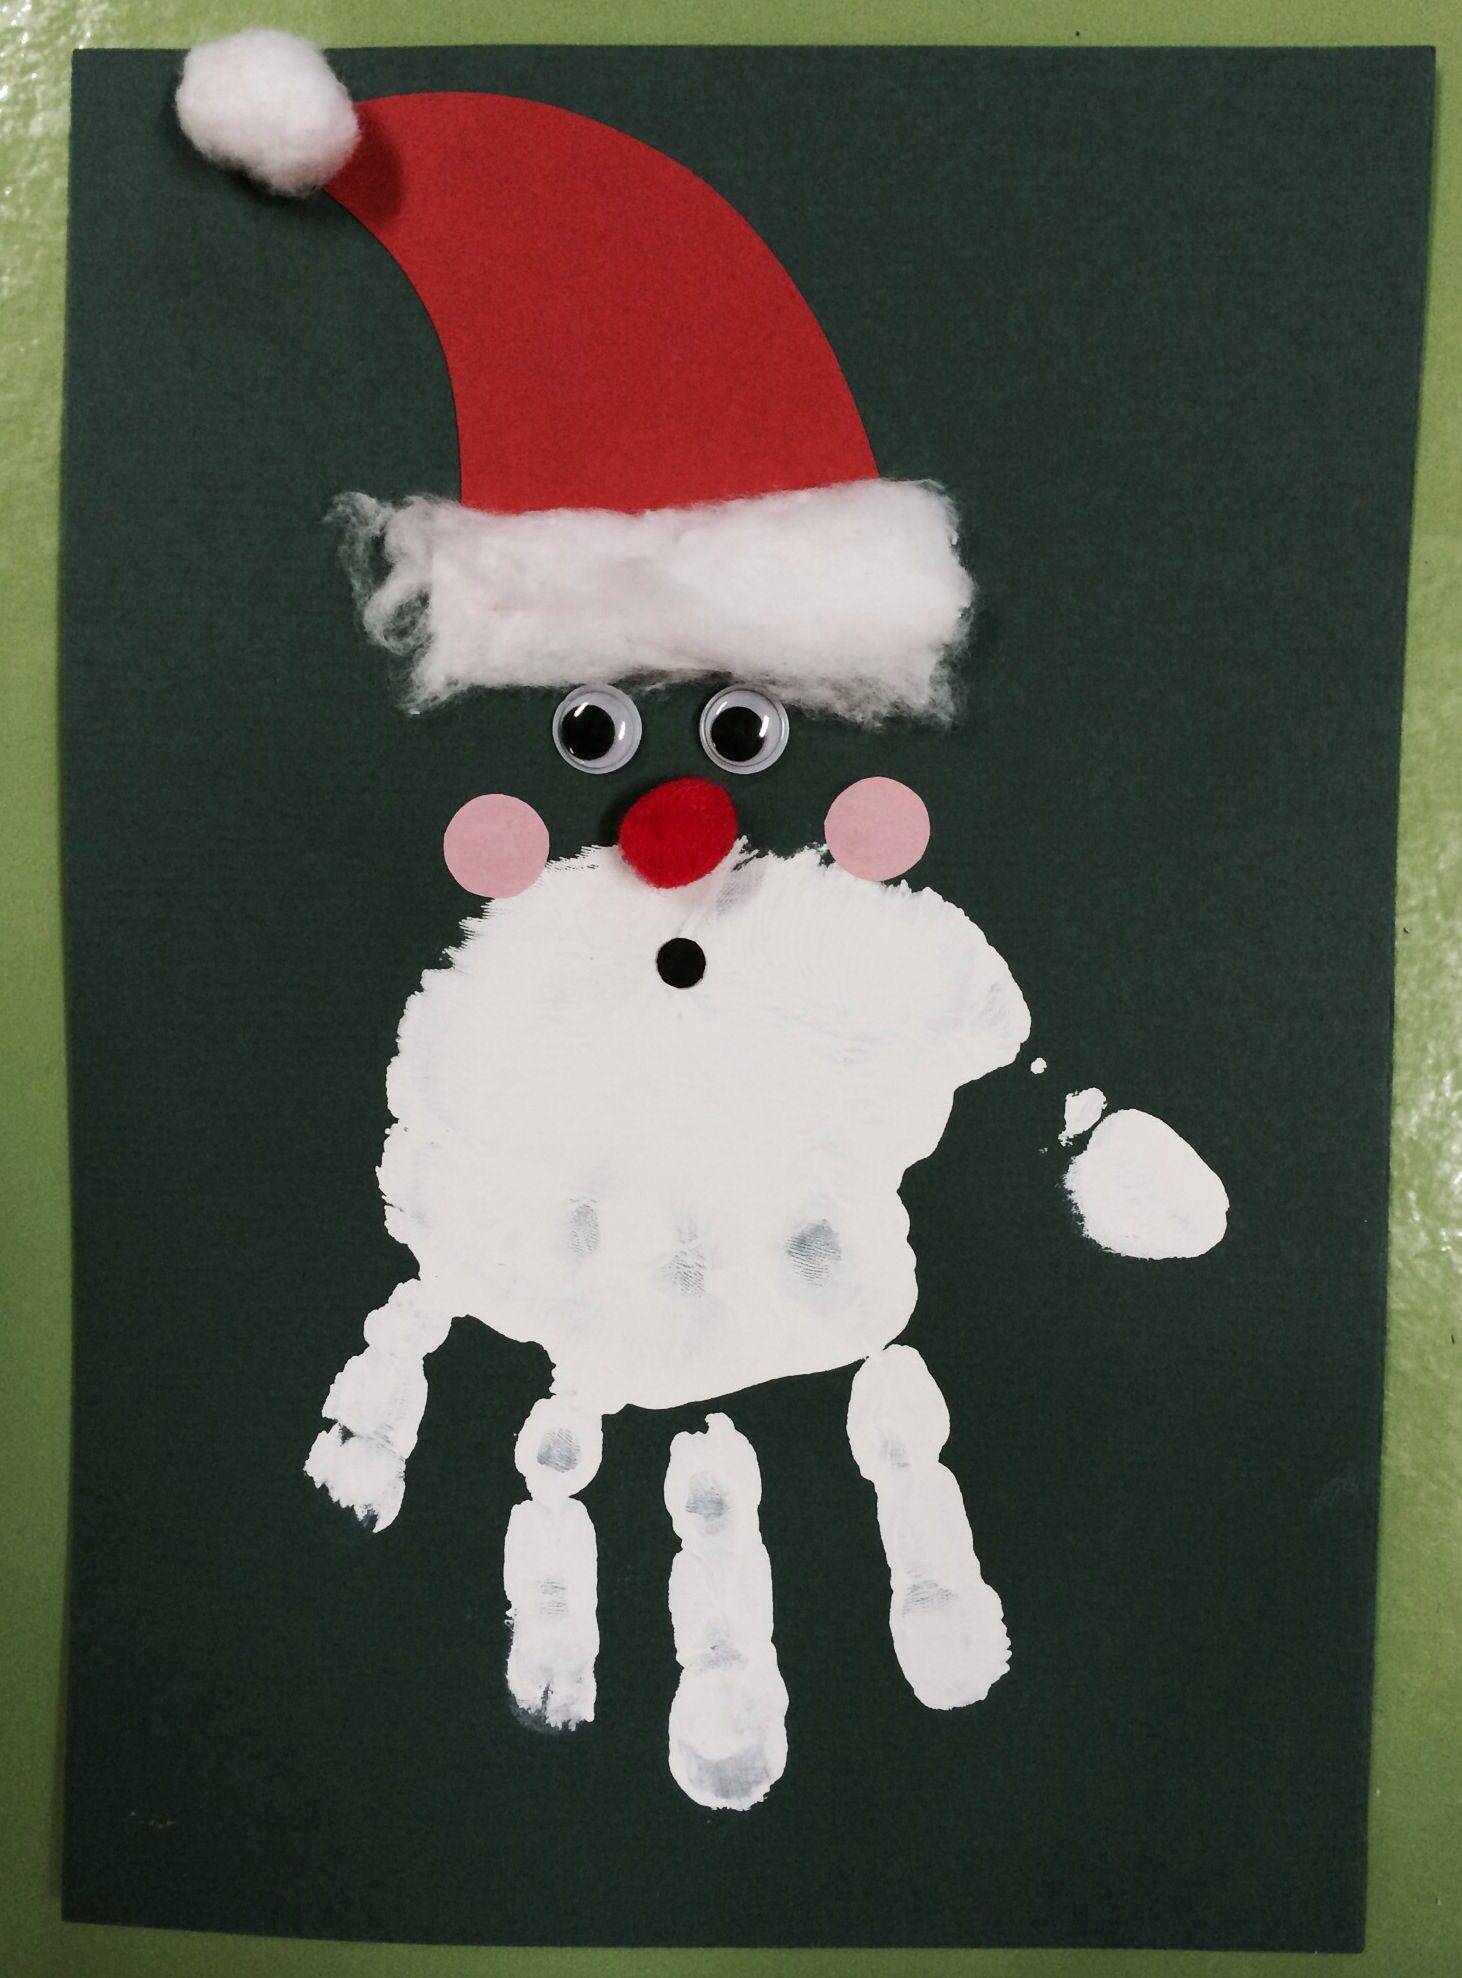 Carte de Noël | Carte noel maternelle, Cartes de noël pour enfants